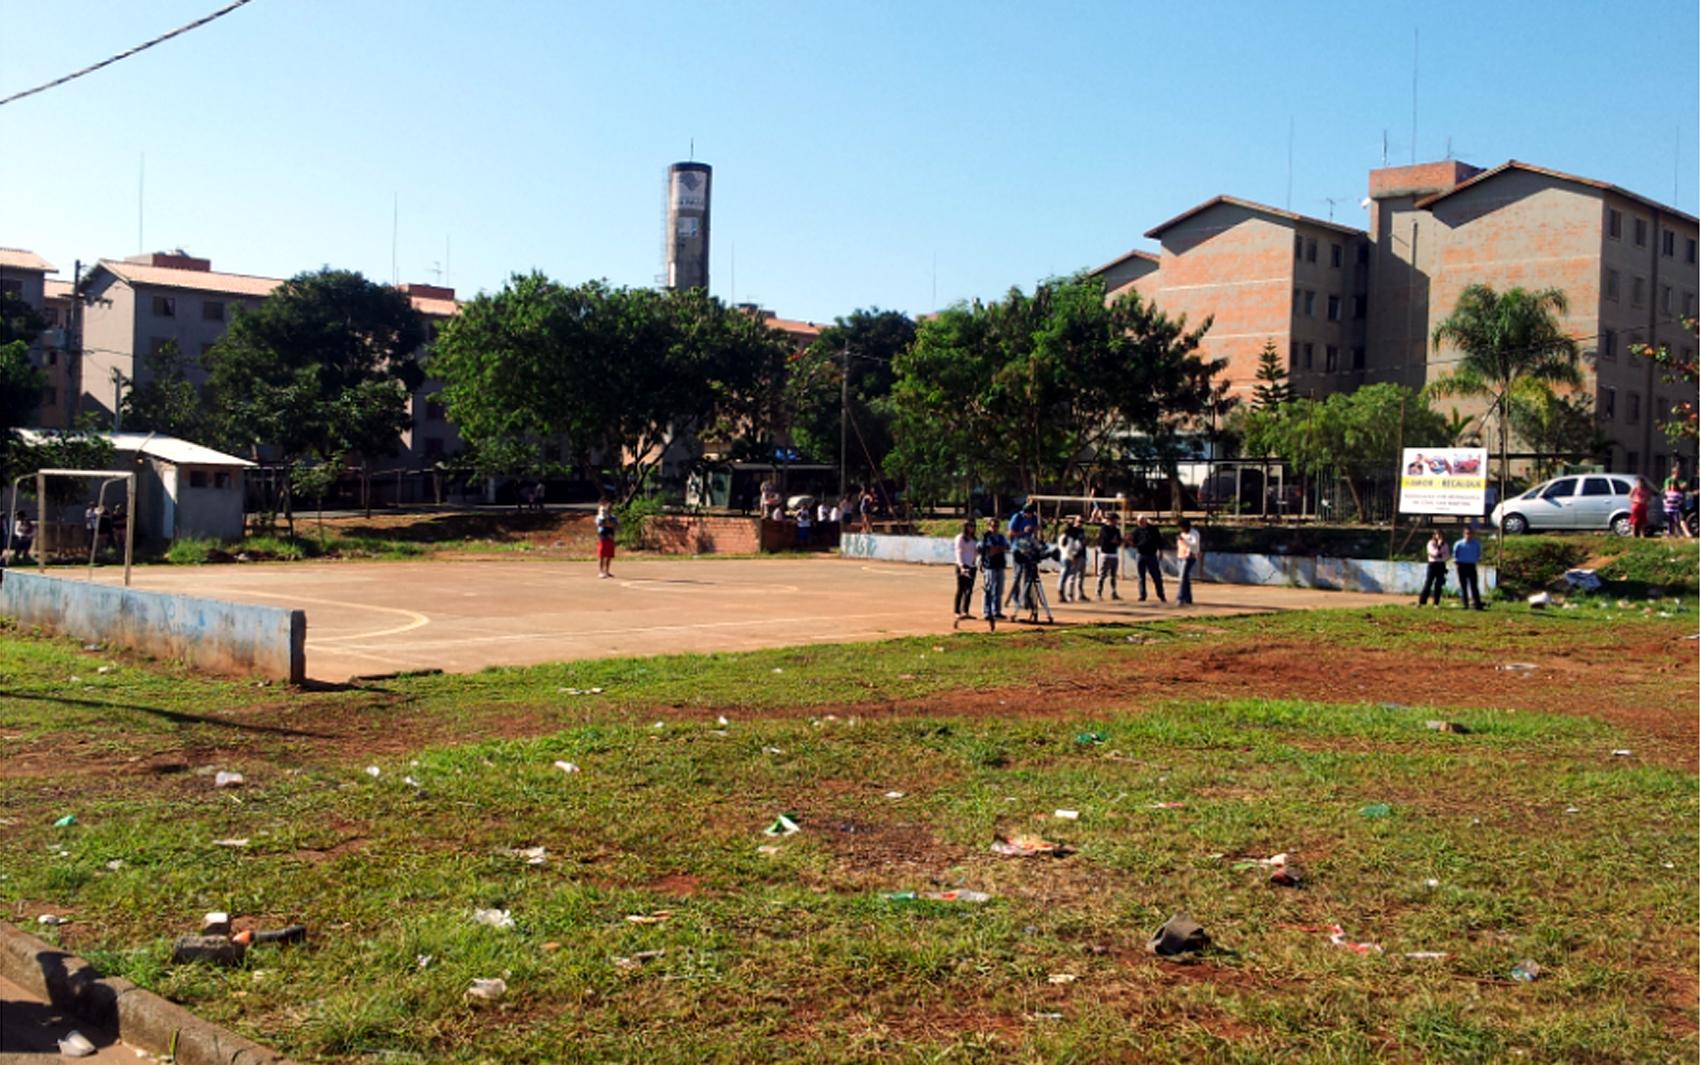 Conjunto habitacional em Campinas onde o MC Daleste foi baleado